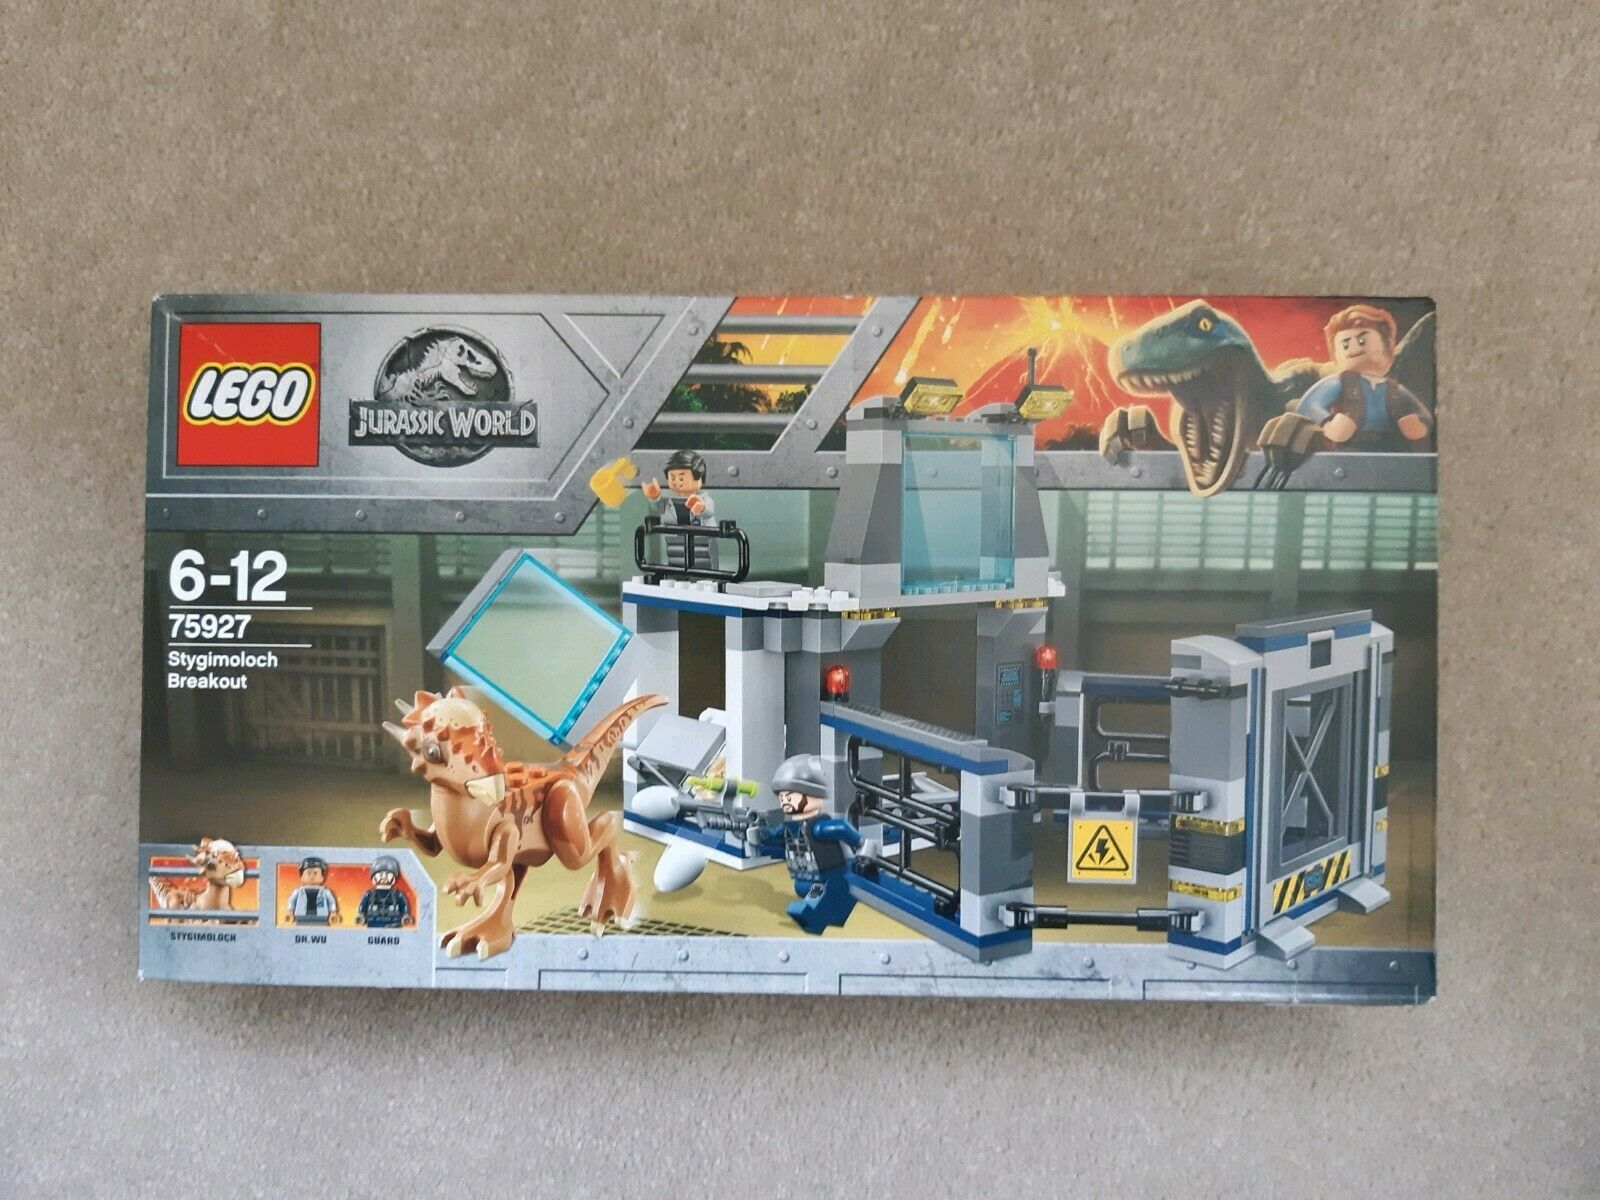 NEW LEGO 75927 Jurassic World Stygimoloch Breakout